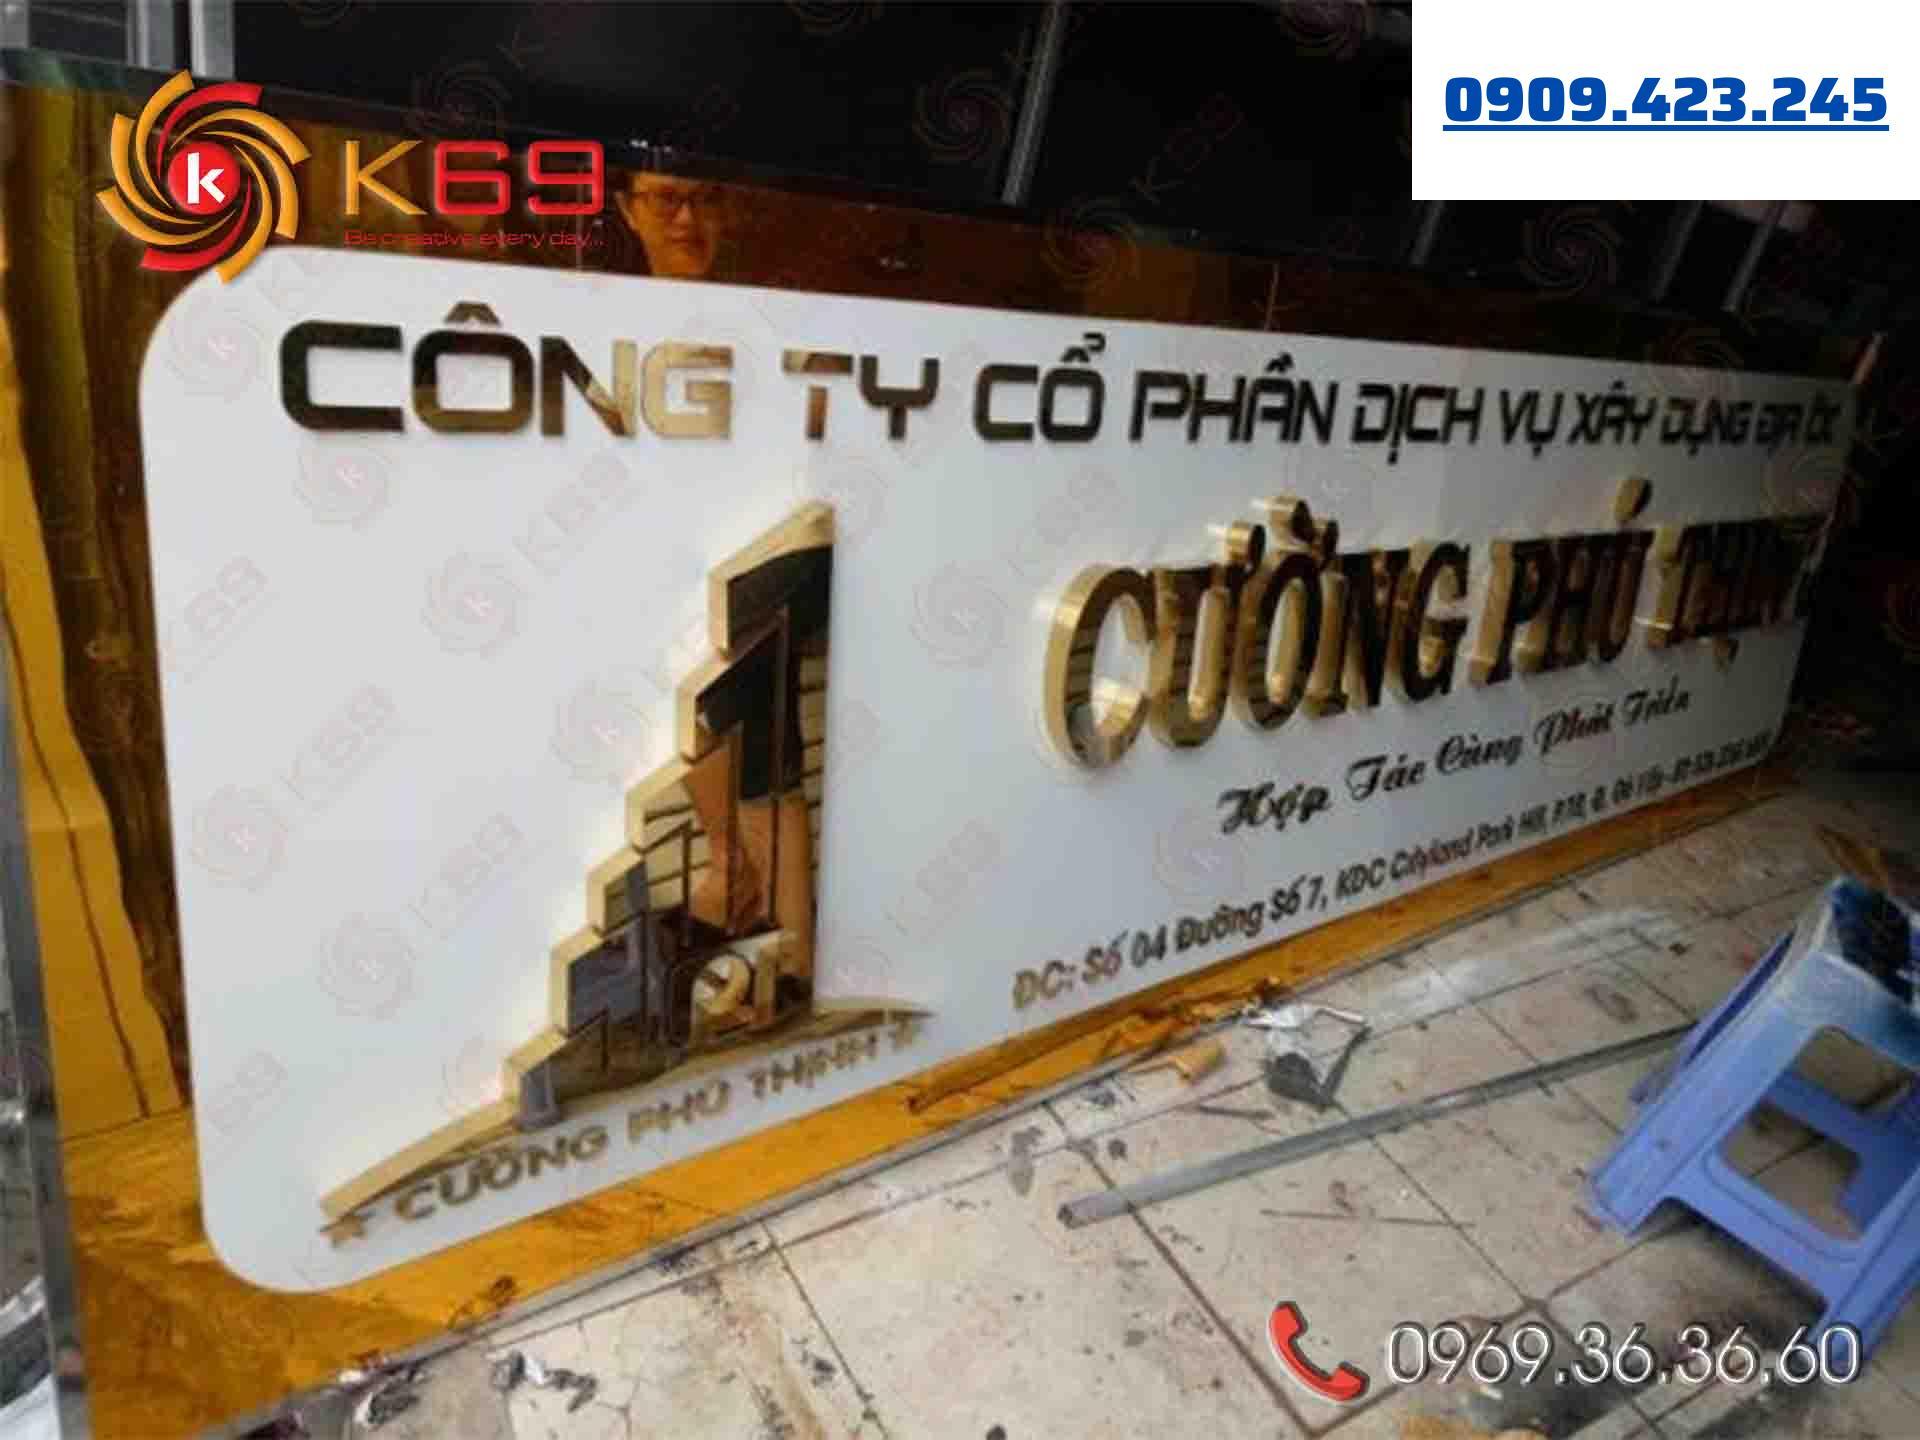 Biển quảng cáo Inox K69ADV